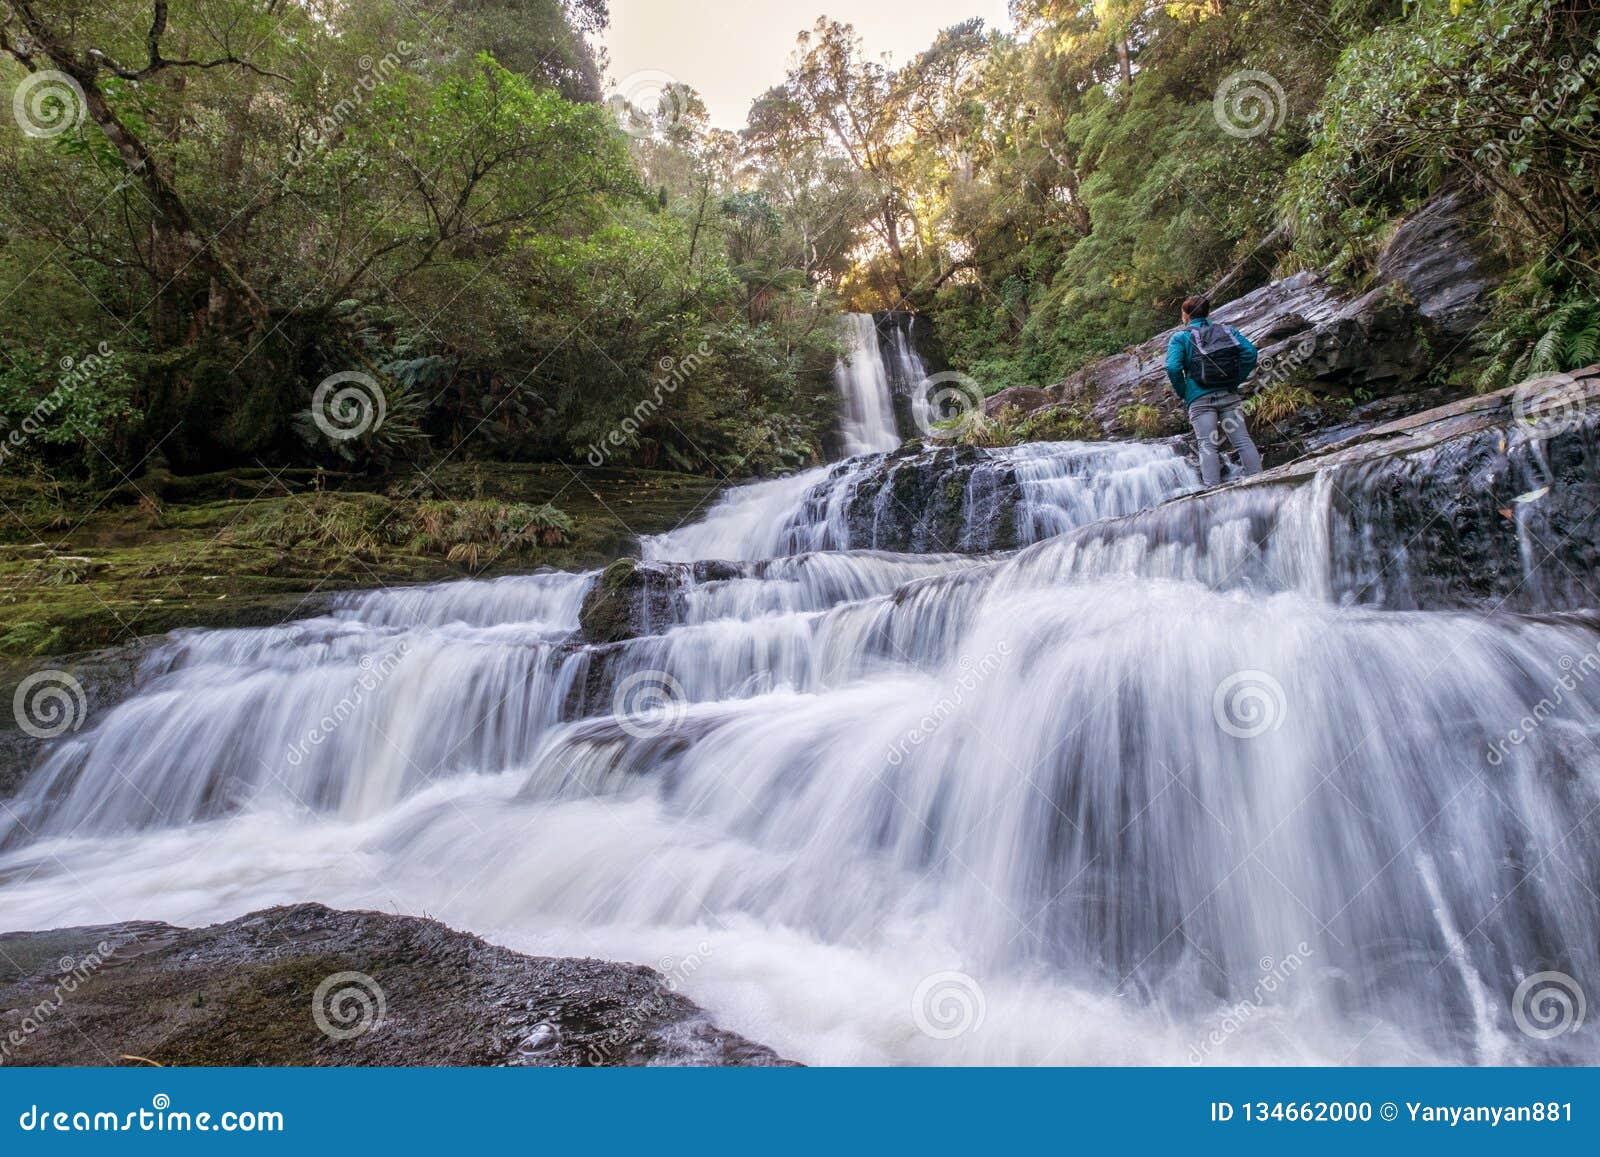 Paesaggio naturale di una condizione della viandante davanti alla cascata, Nuova Zelanda